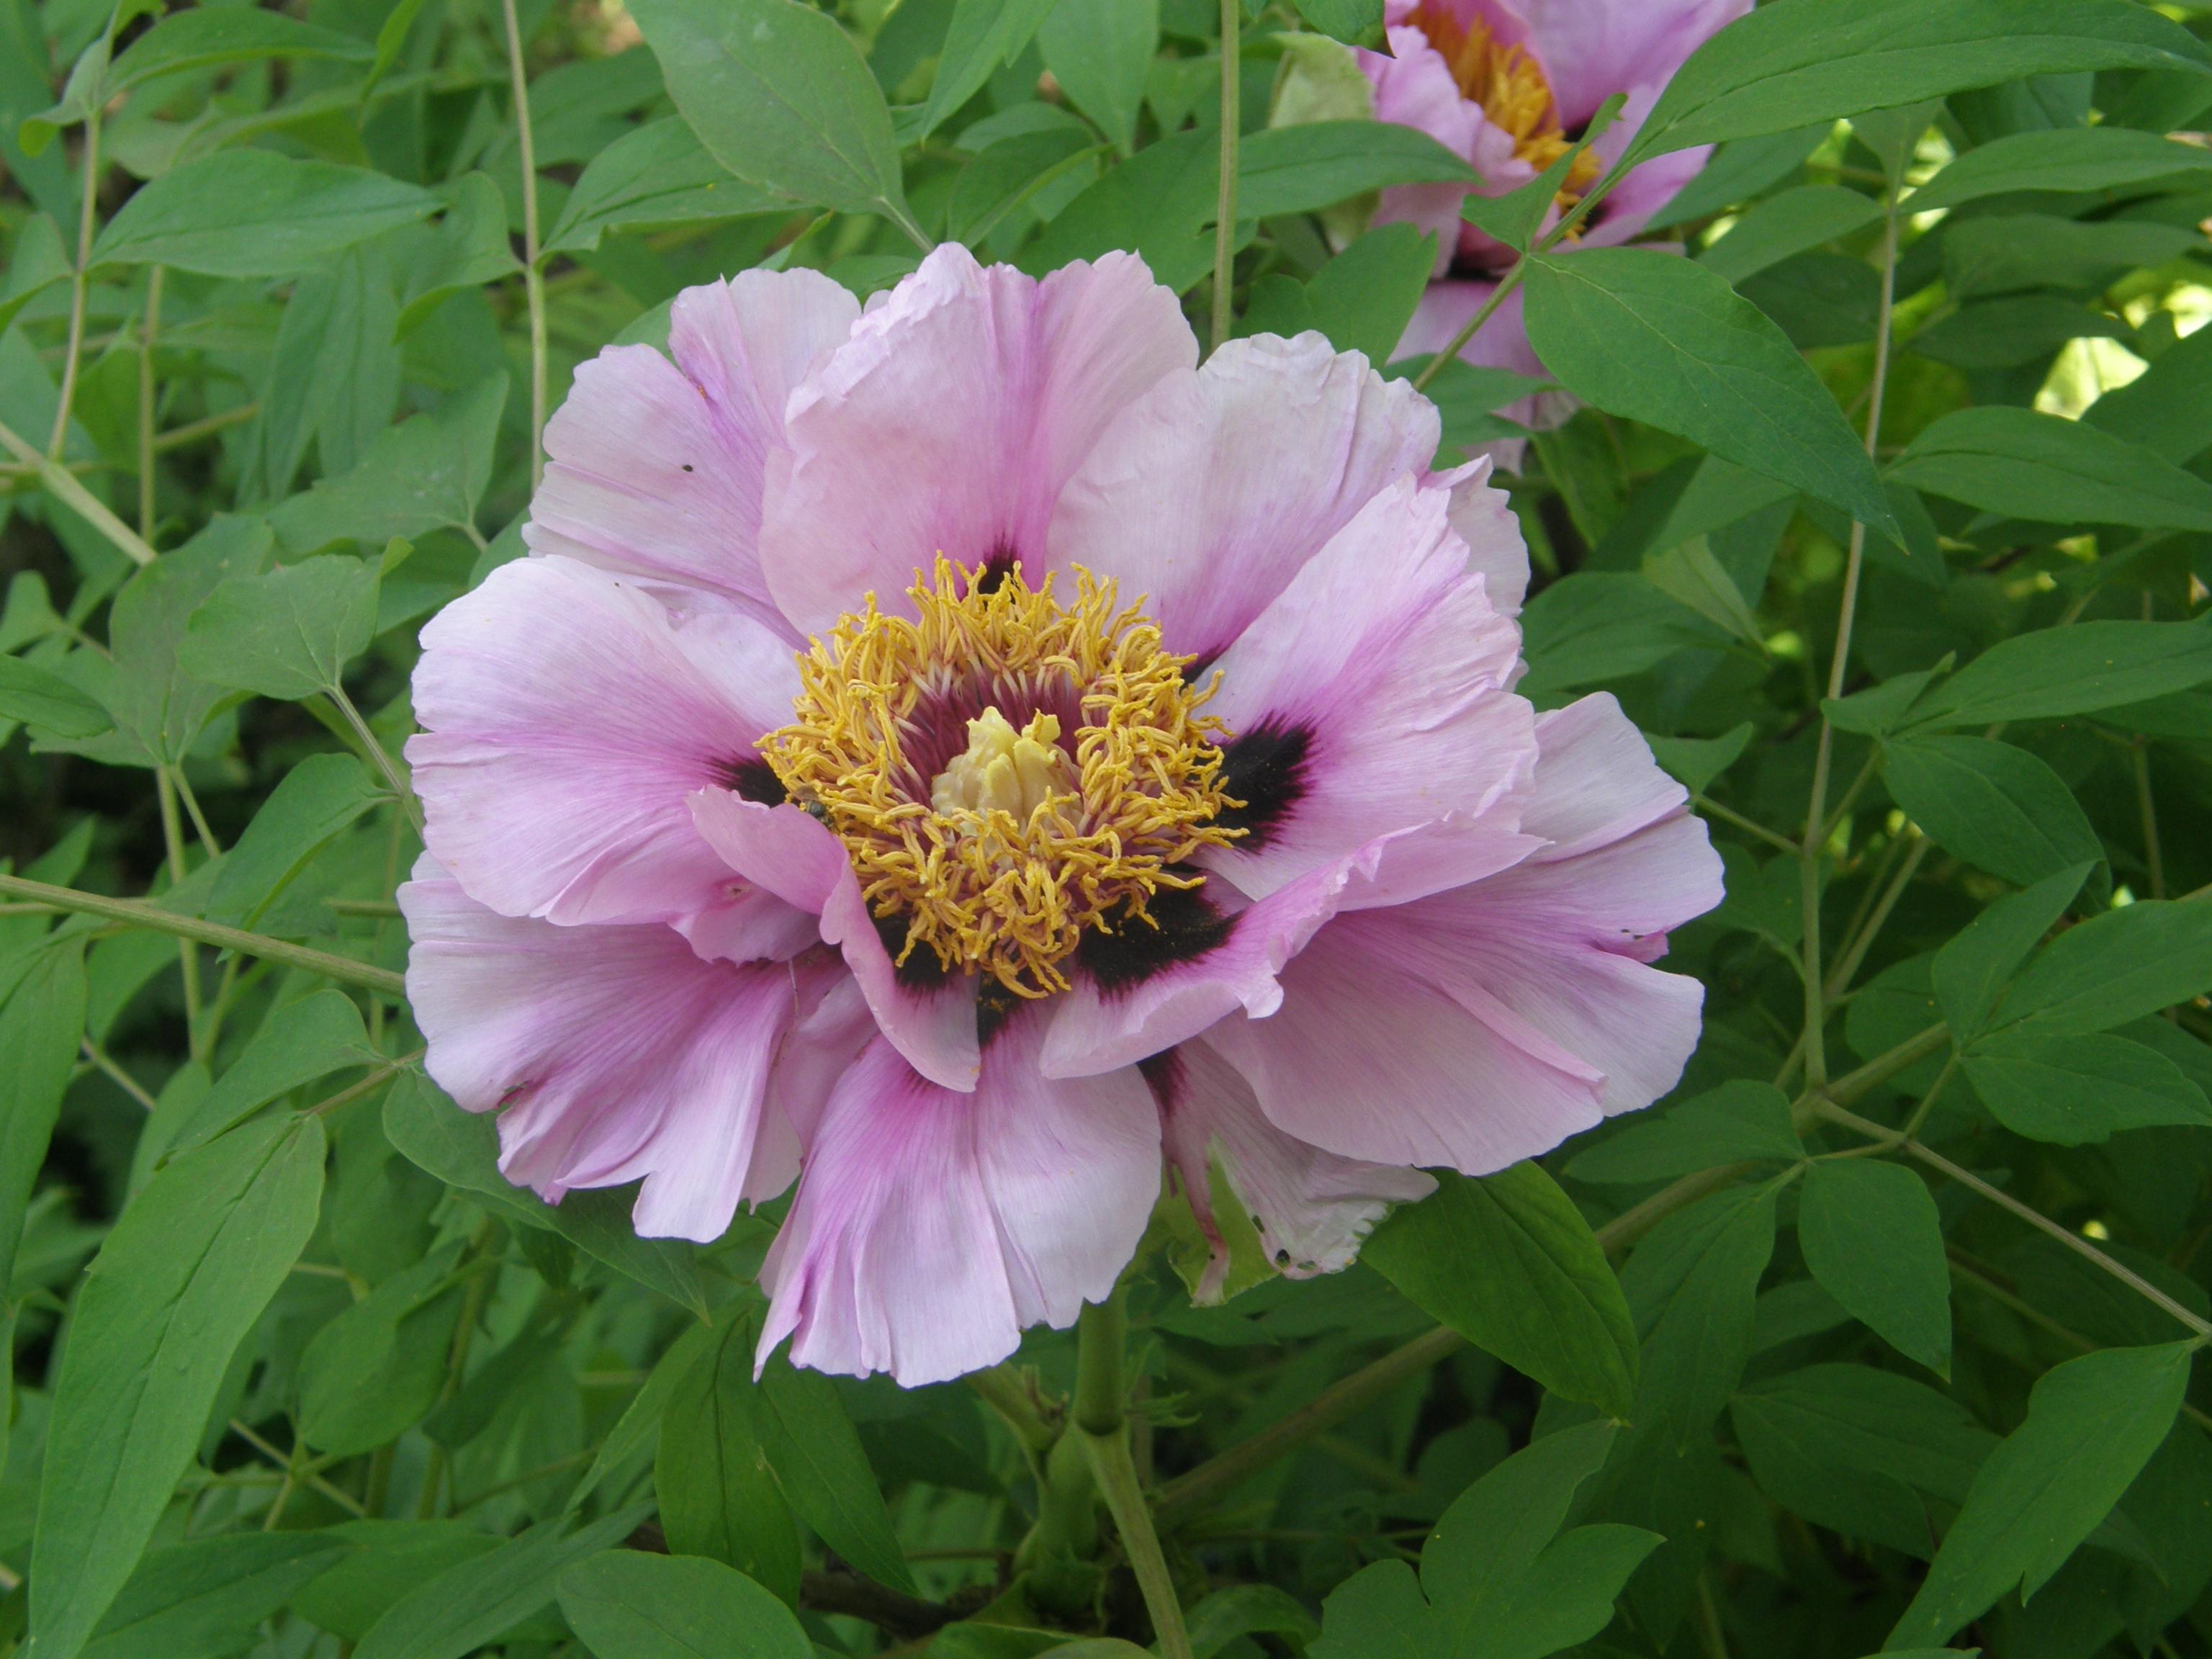 images gratuites : fleur, pivoine, arôme, rose, agréable, beauté